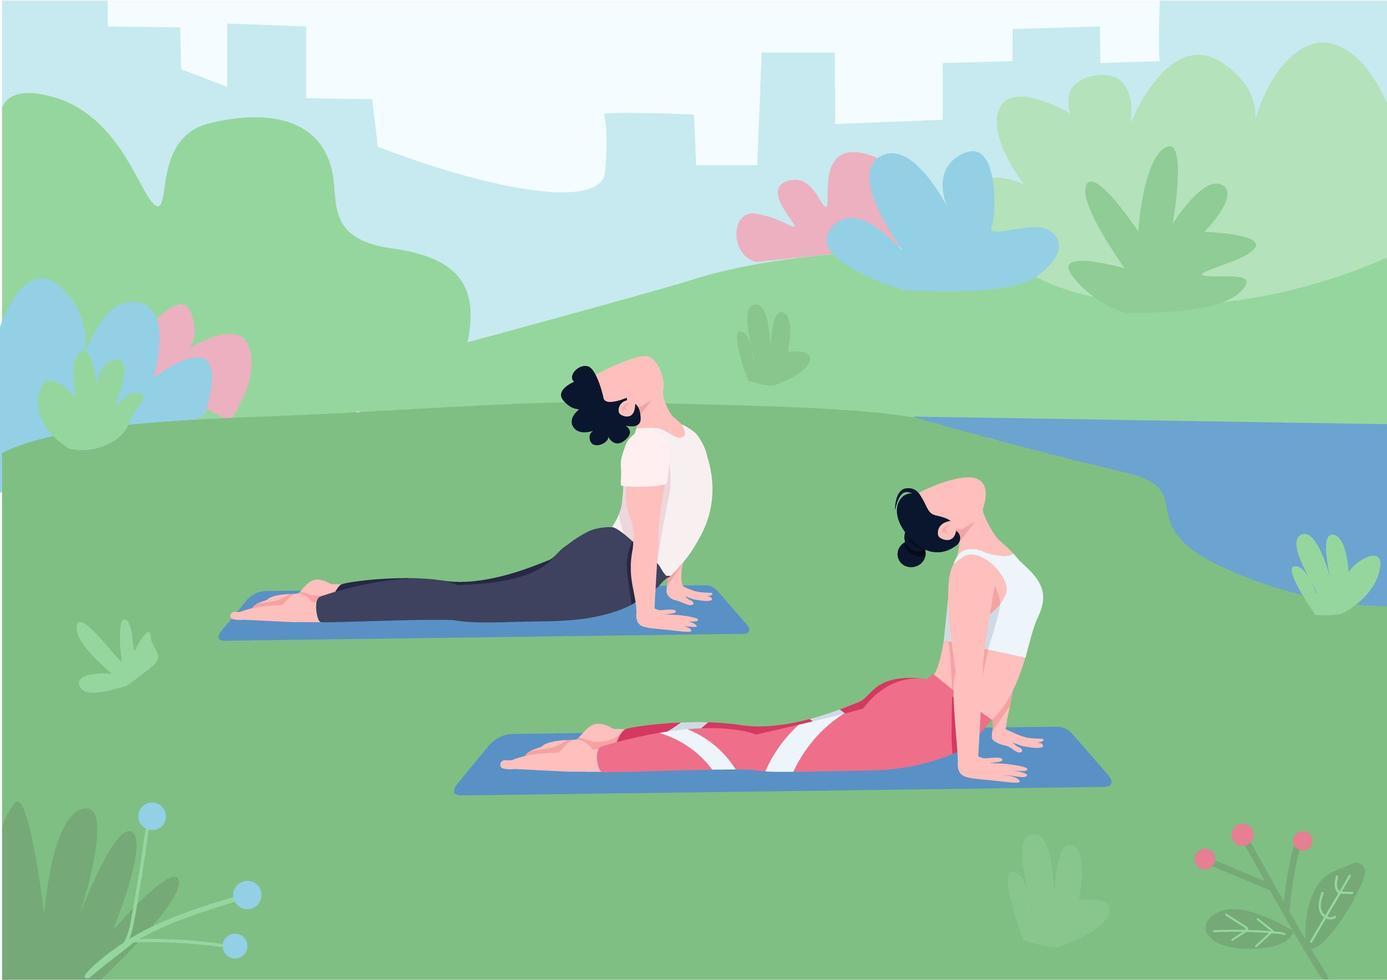 séance de yoga en plein air vecteur